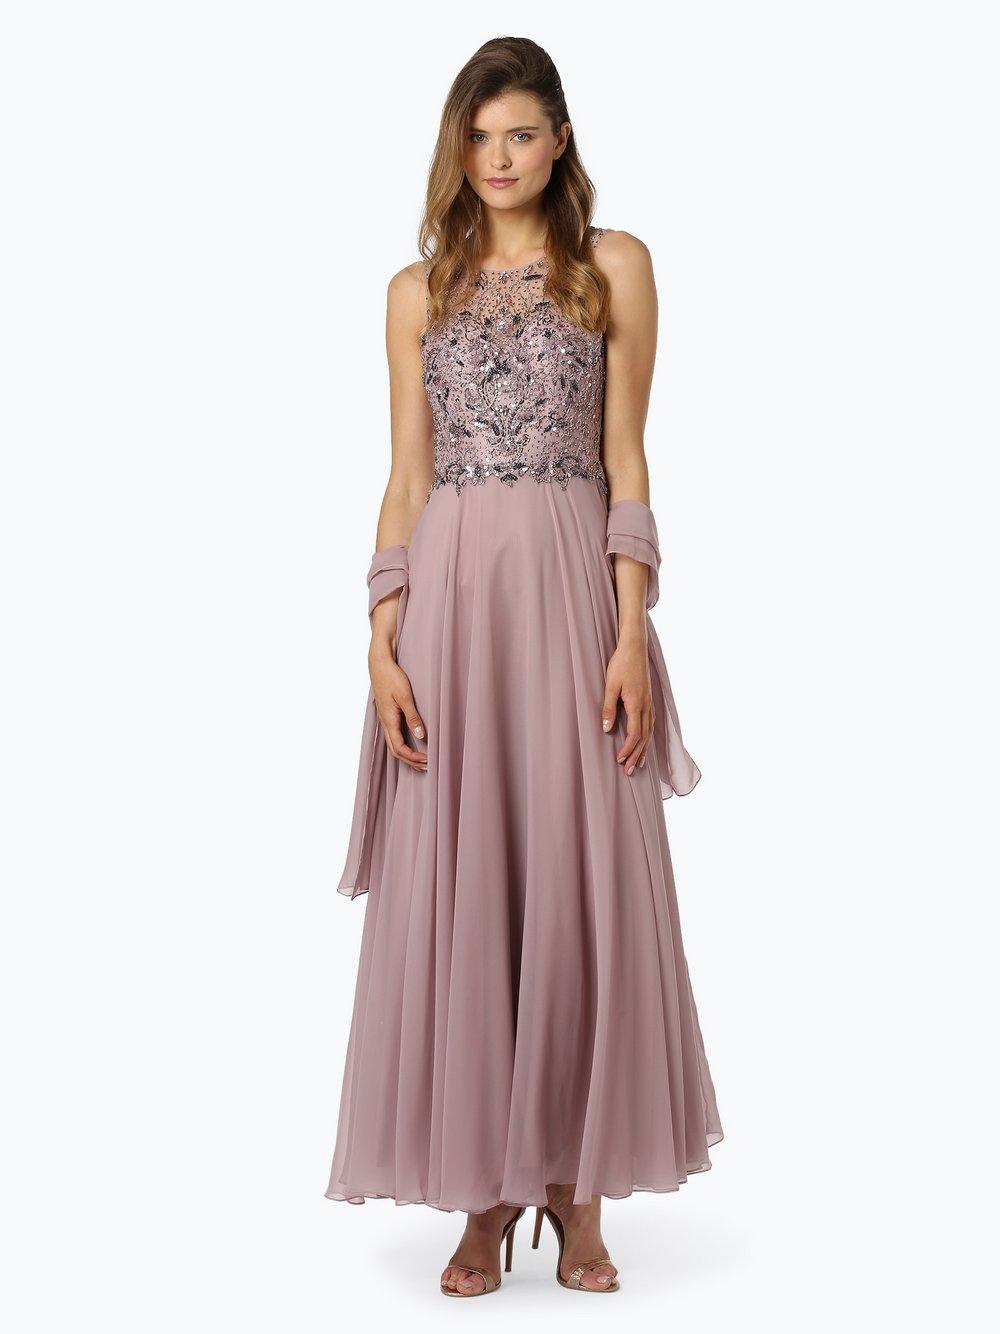 Unique – Damska sukienka wieczorowa z etolą, różowy Van Graaf 444666-0001